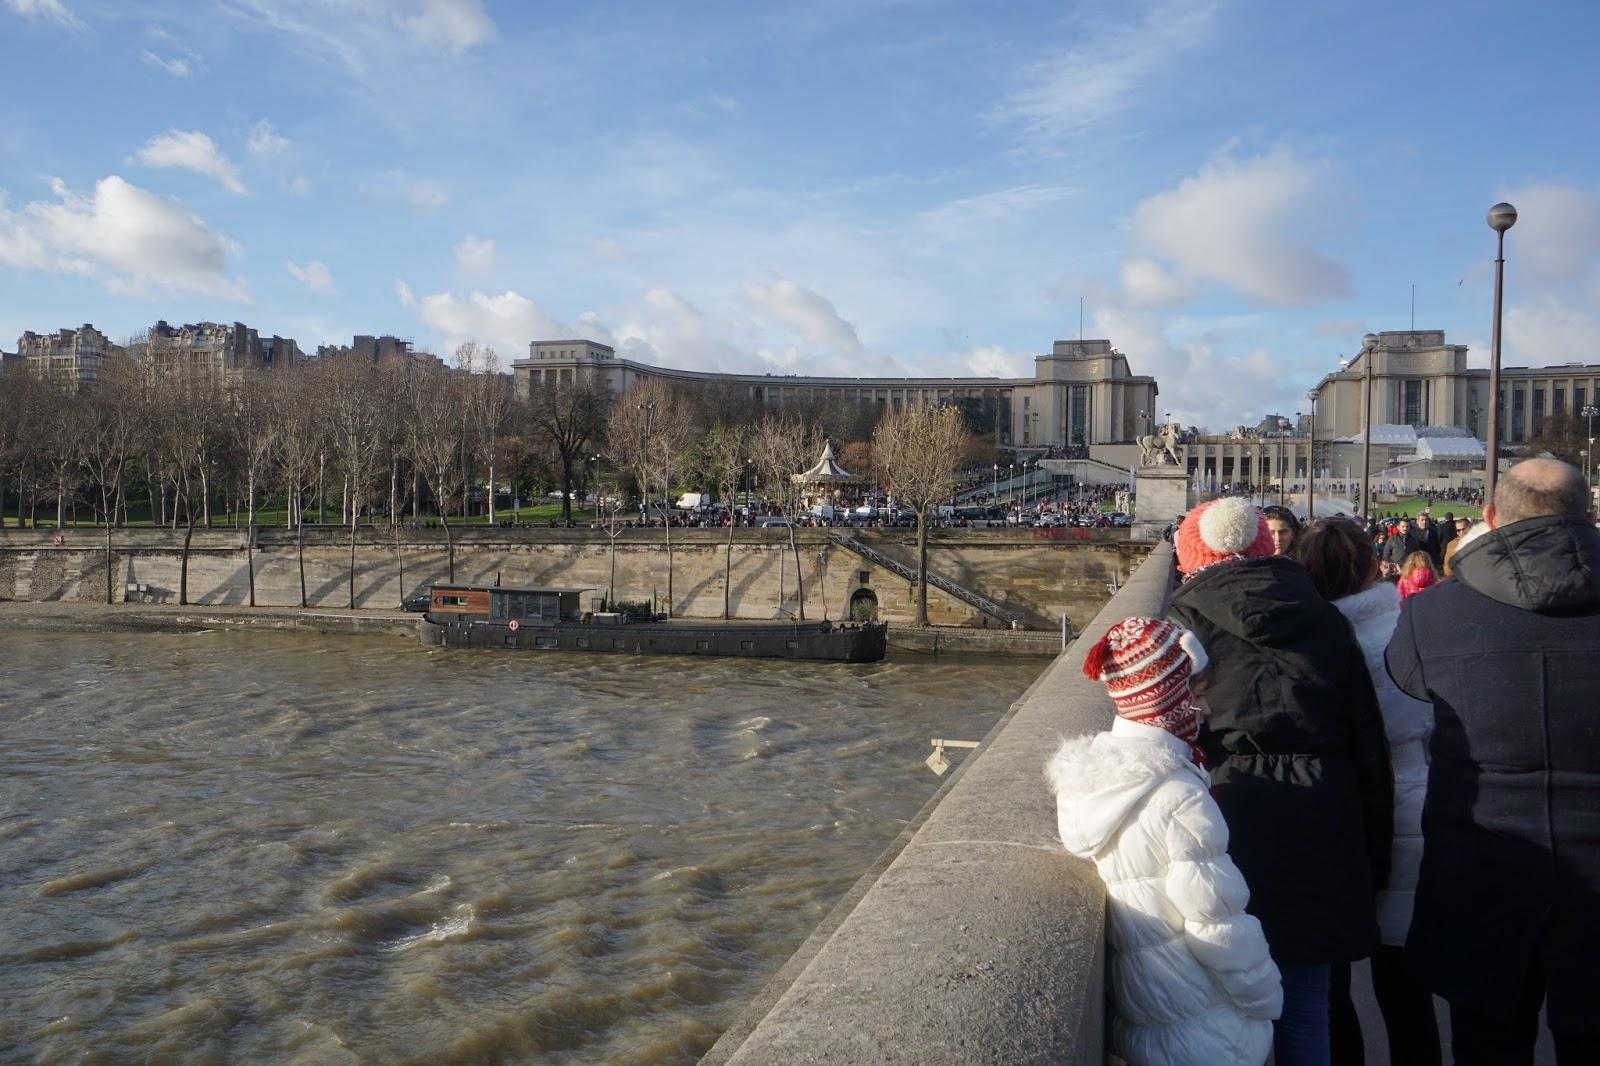 イエナ橋(Pont d'Iéna)